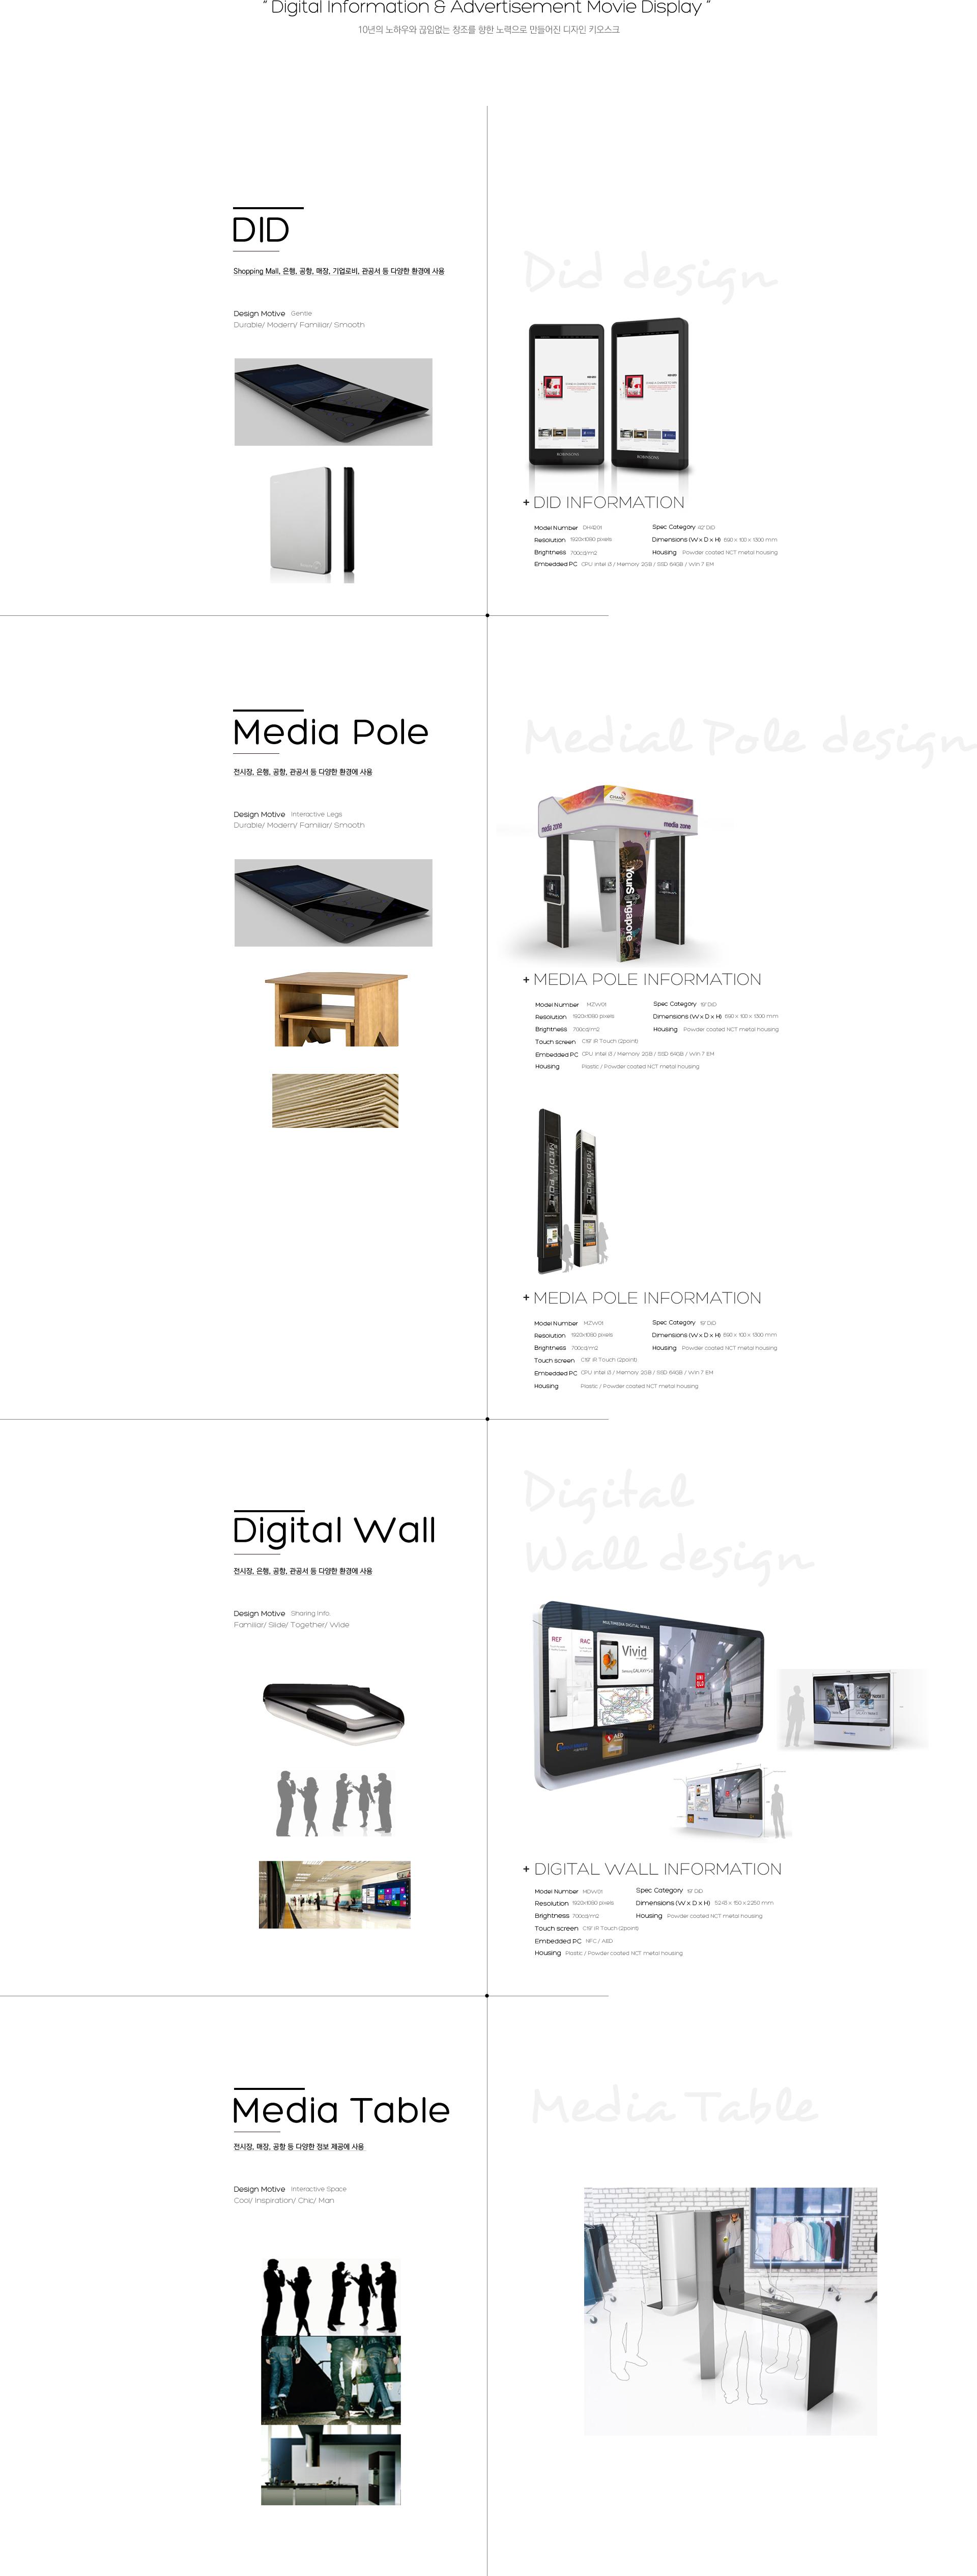 06-하드웨어-did